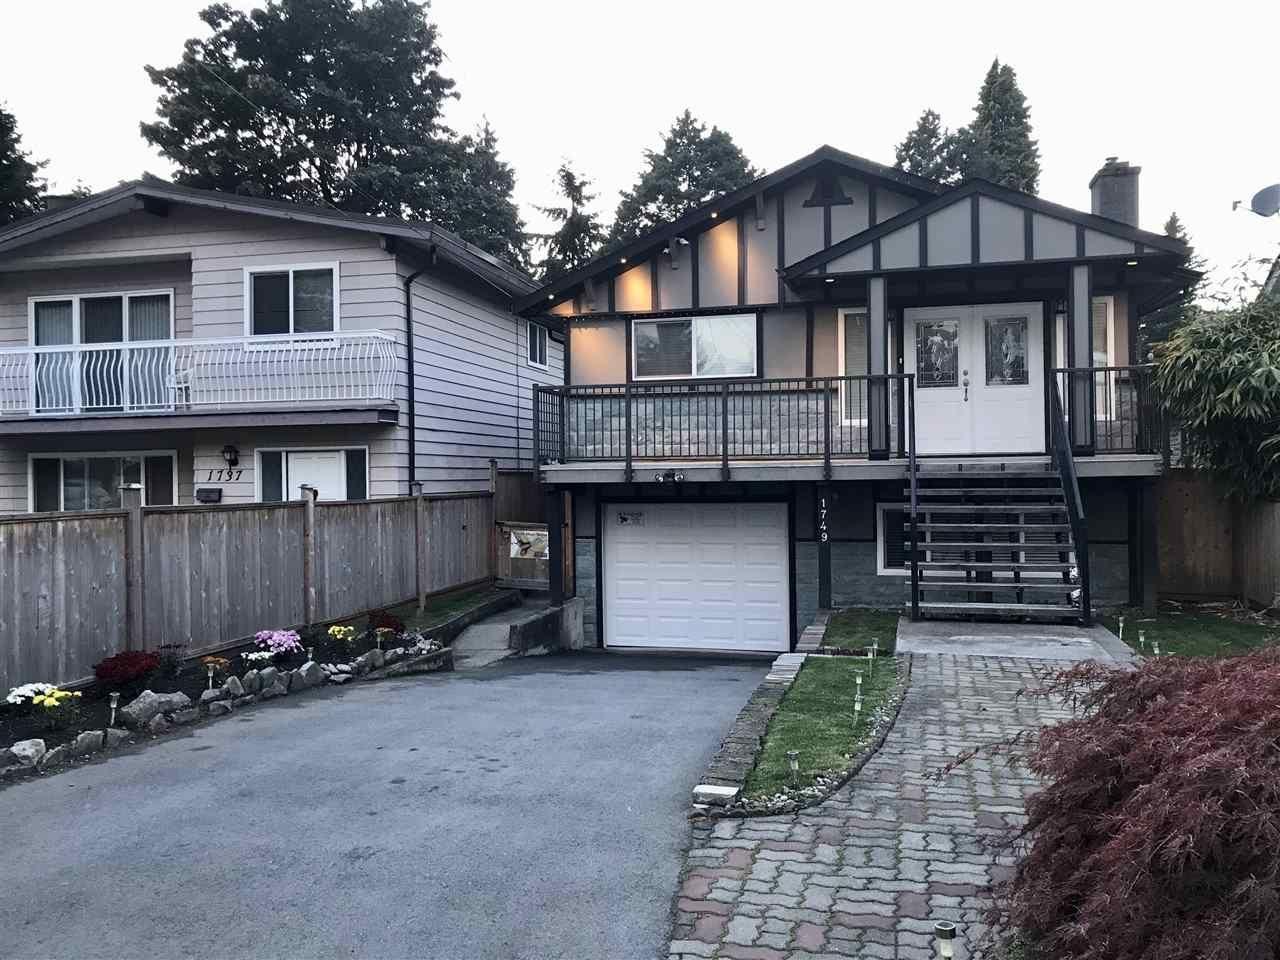 1749-bowser-avenue-pemberton-nv-north-vancouver-02 at 1749 Bowser Avenue, Pemberton NV, North Vancouver